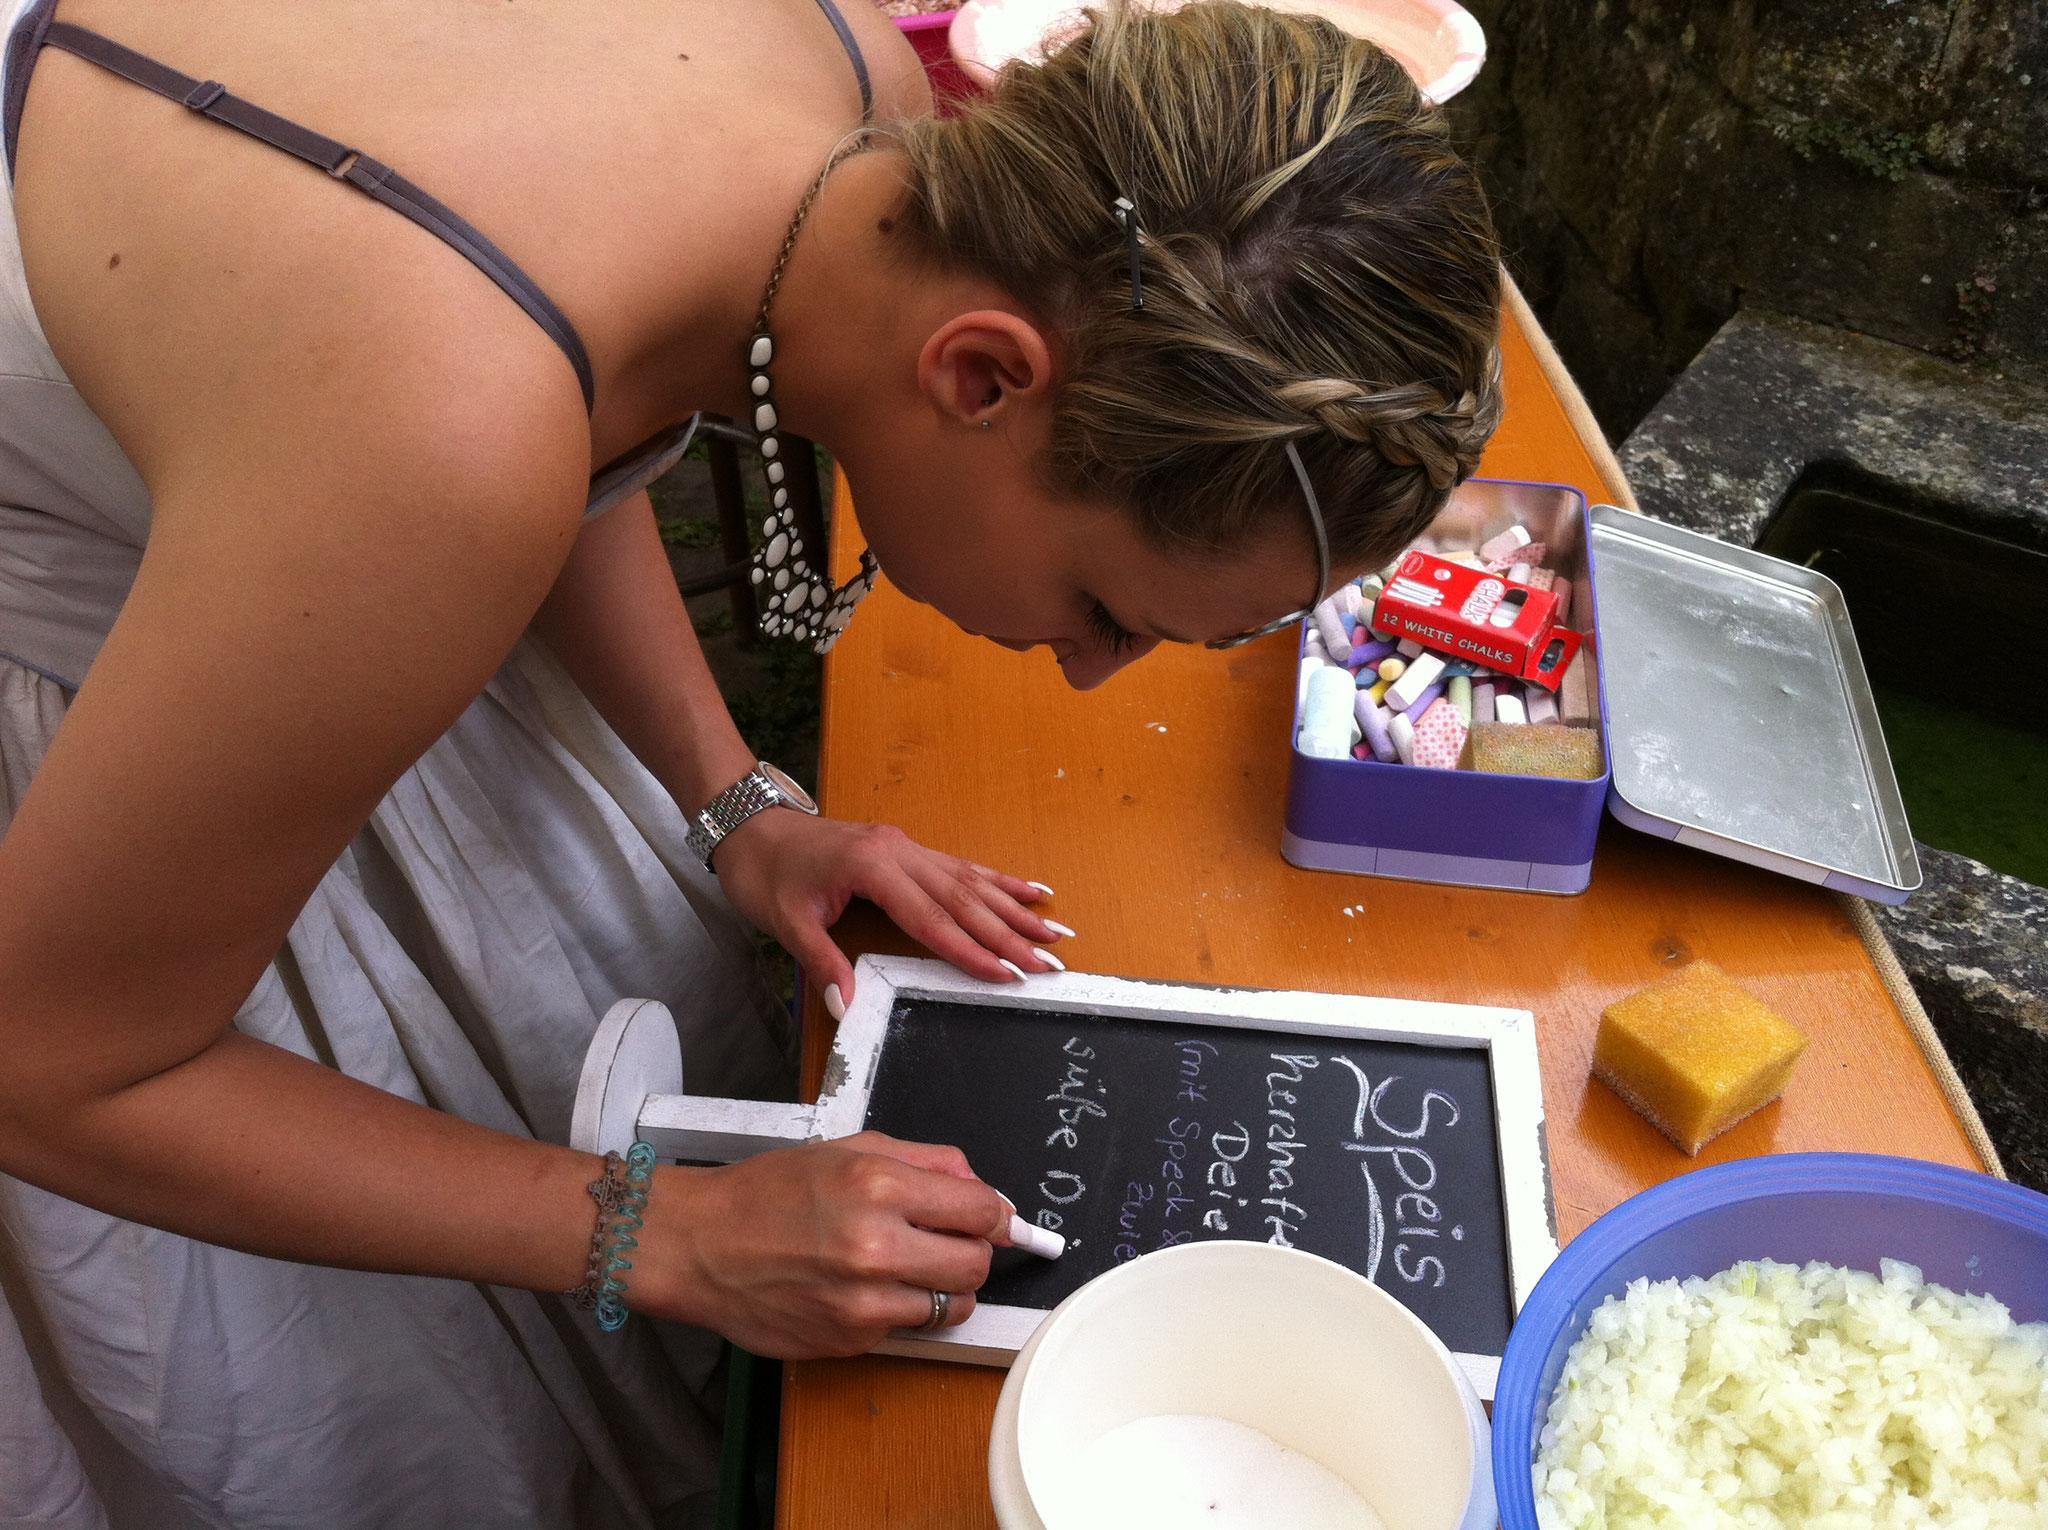 Nathalie schreibt die Angebotsschilder